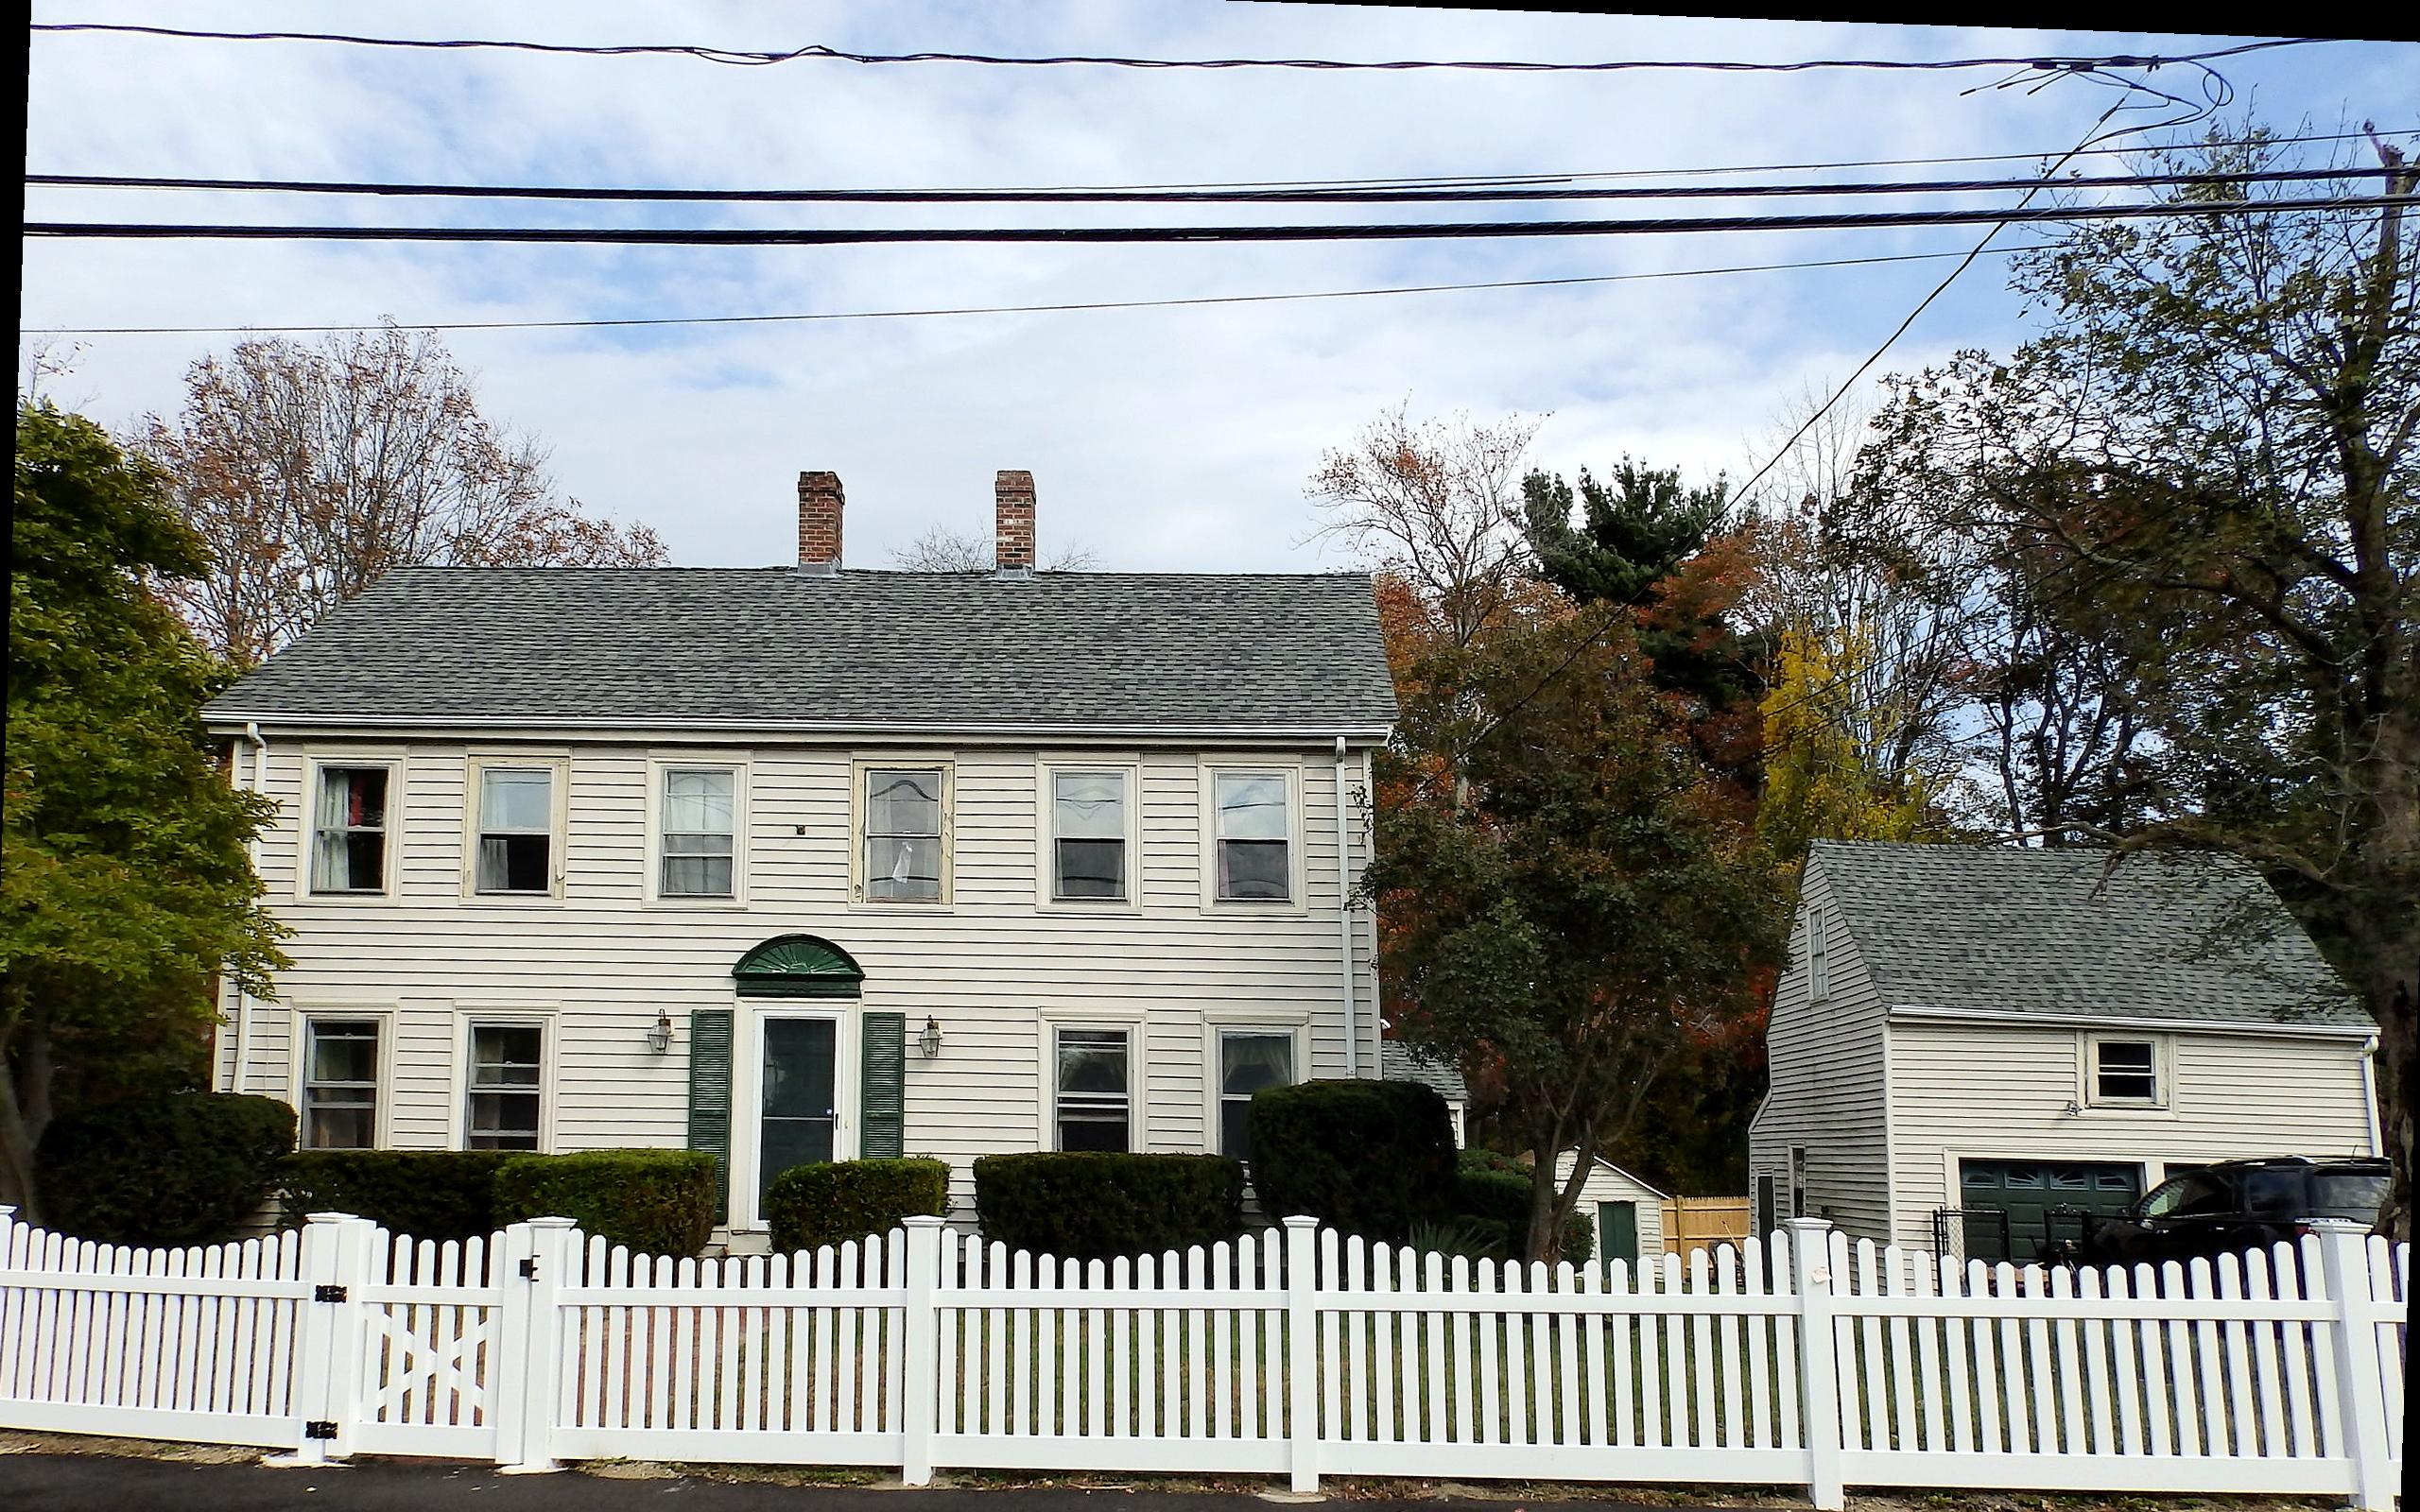 705 Randolph Street, Abington, Massachusetts 02351